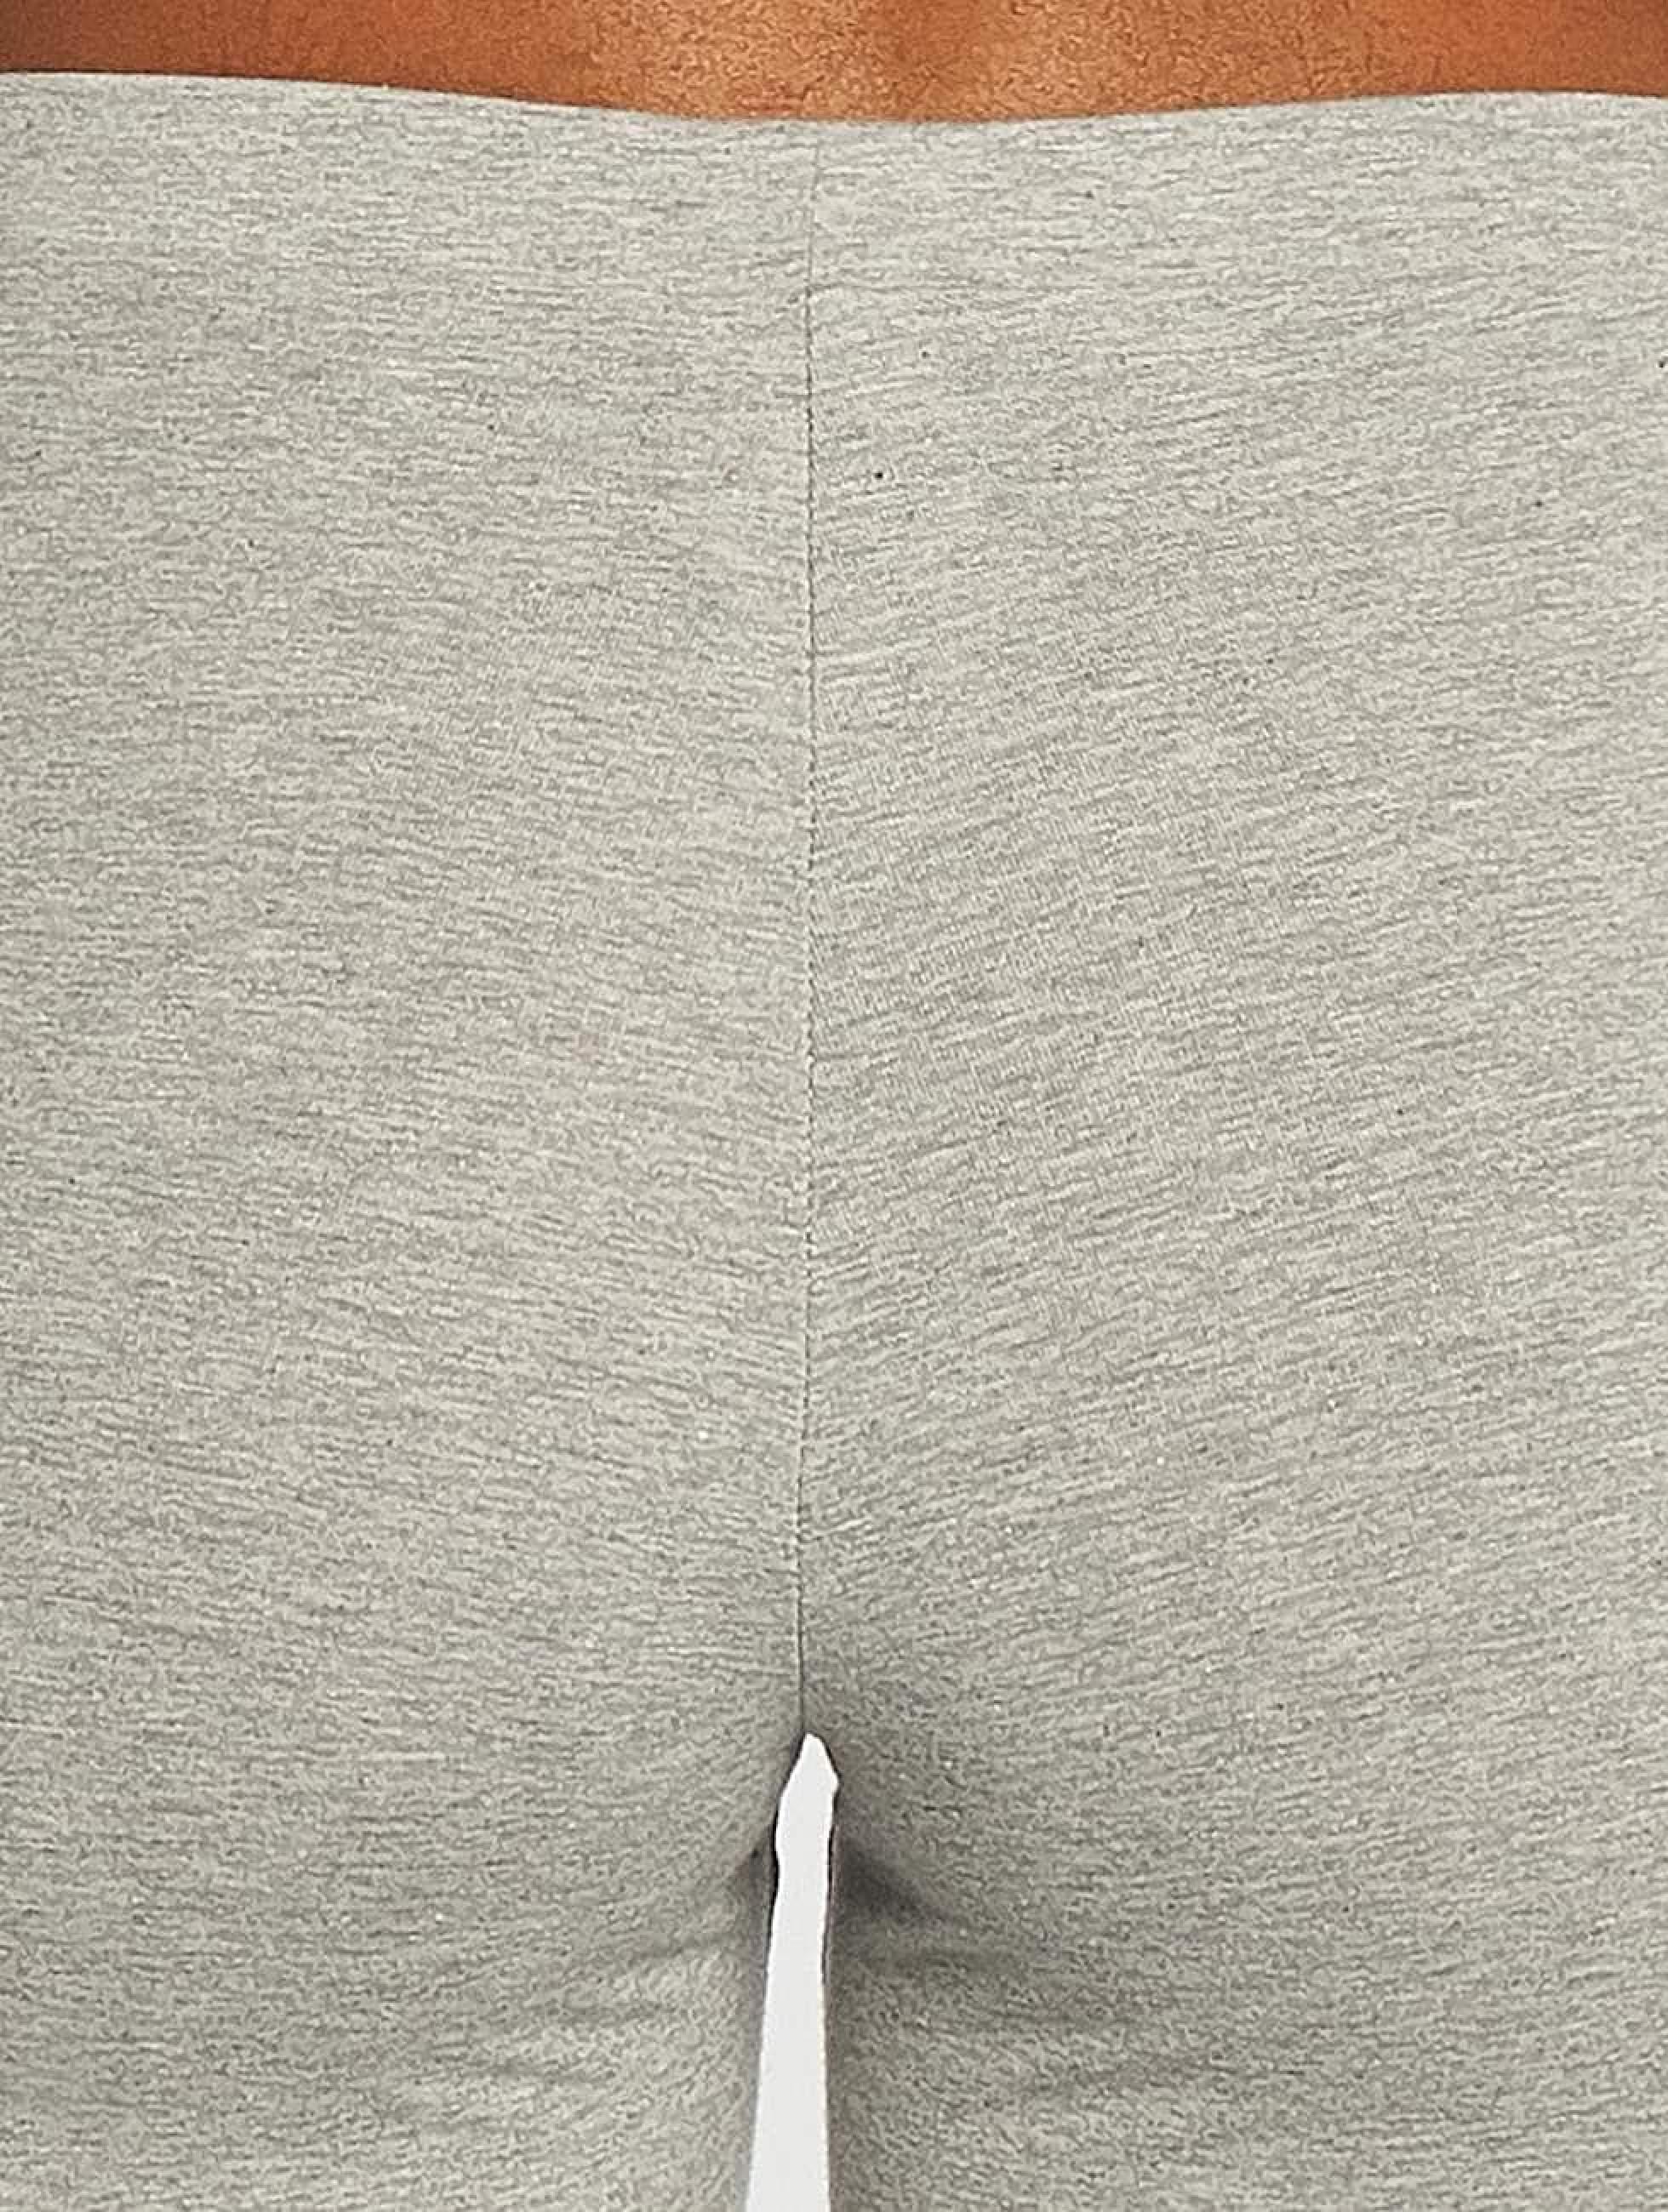 147f1c3d815 adidas-originals-Damen-Hosen-Legging-3-Stripes Indexbild 12